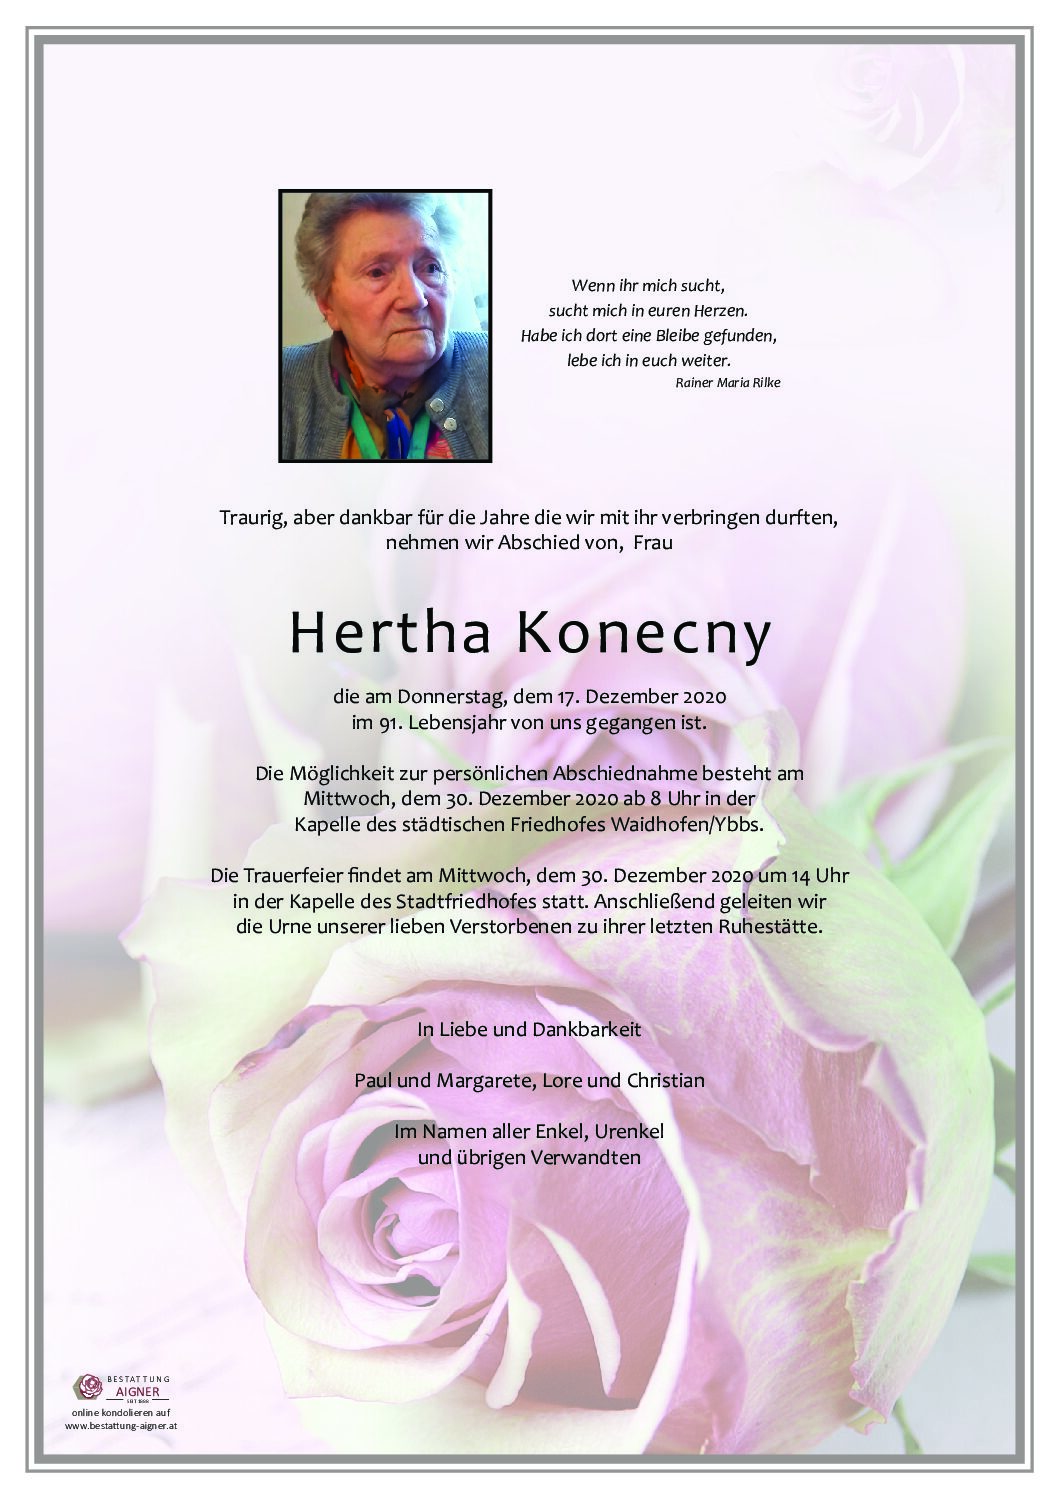 Herta Konecny